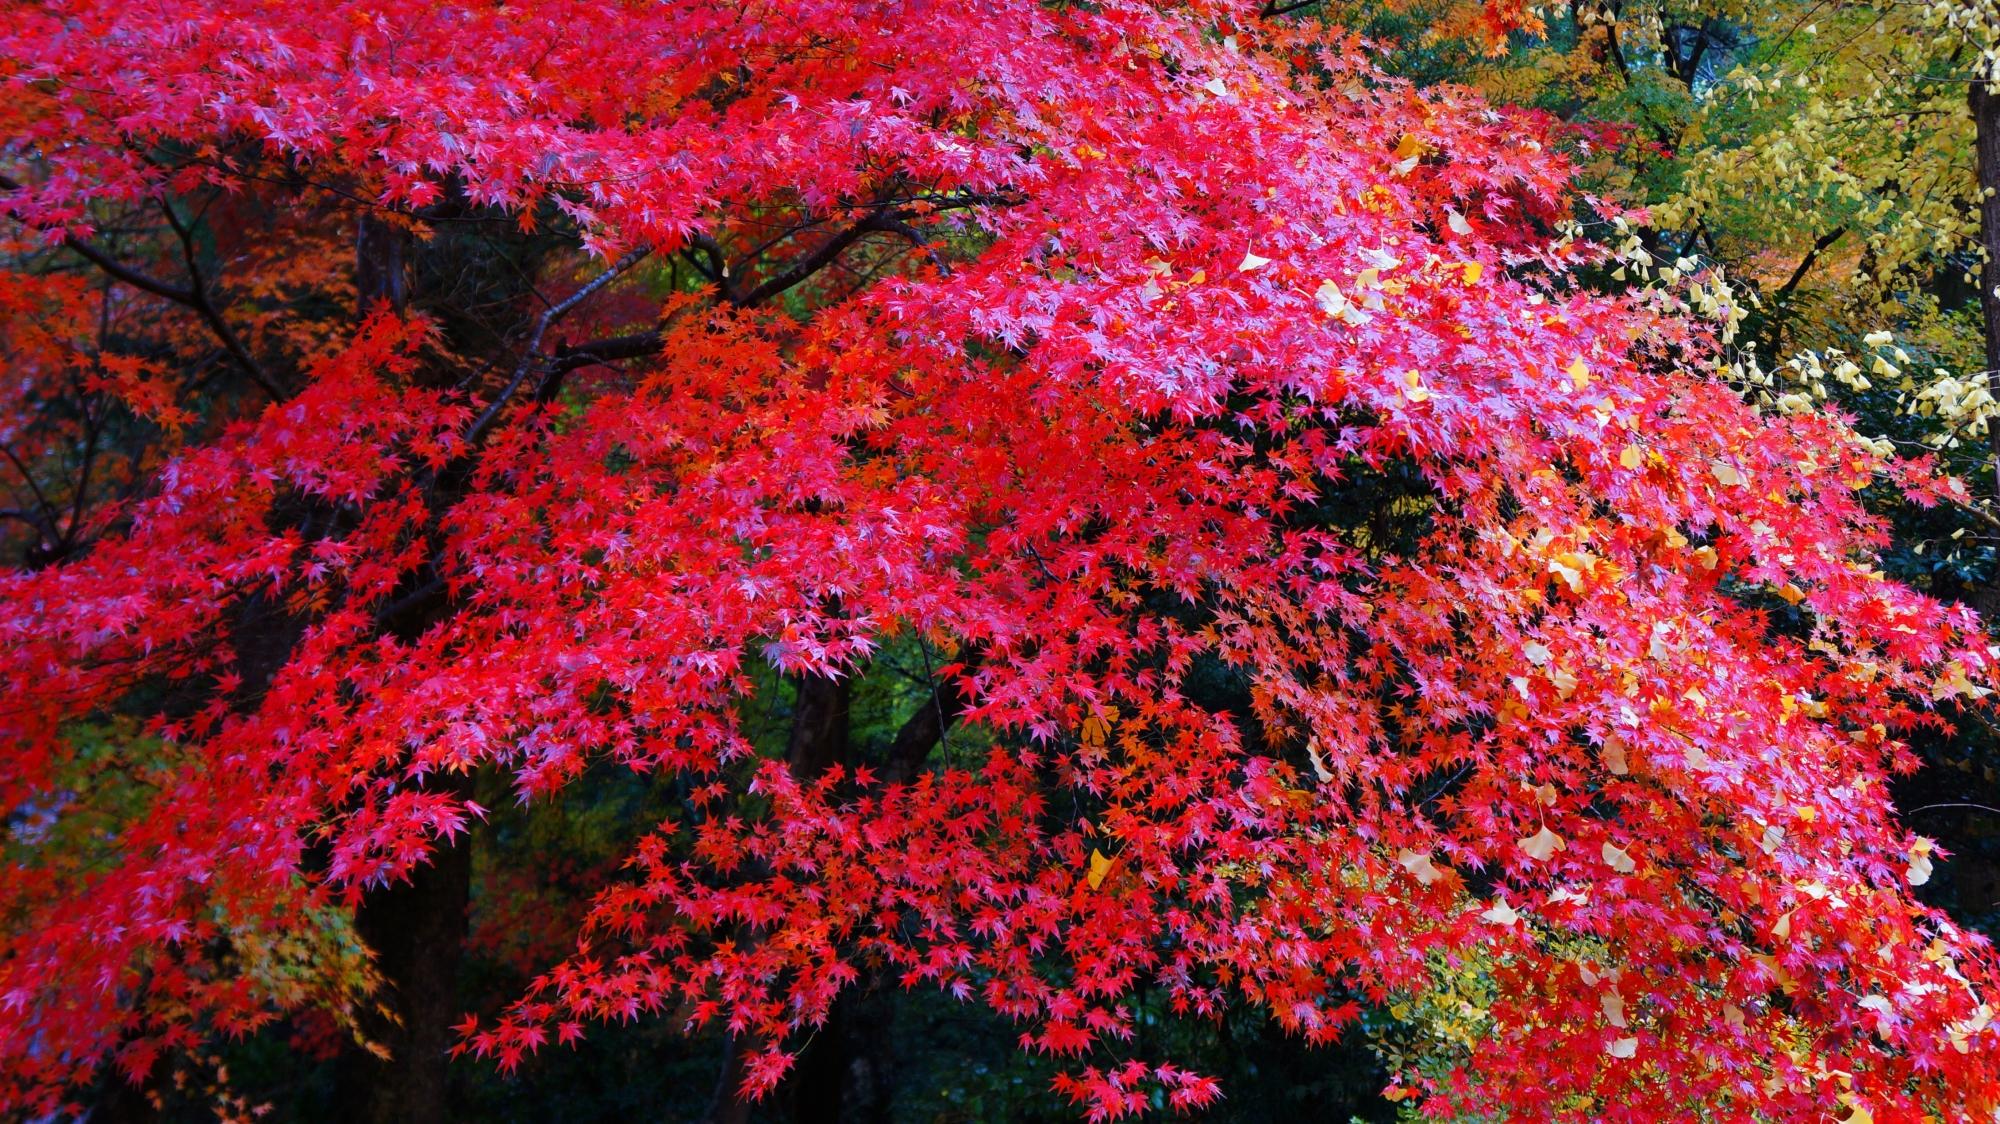 栖賢寺の鮮やかな色づきの紅葉